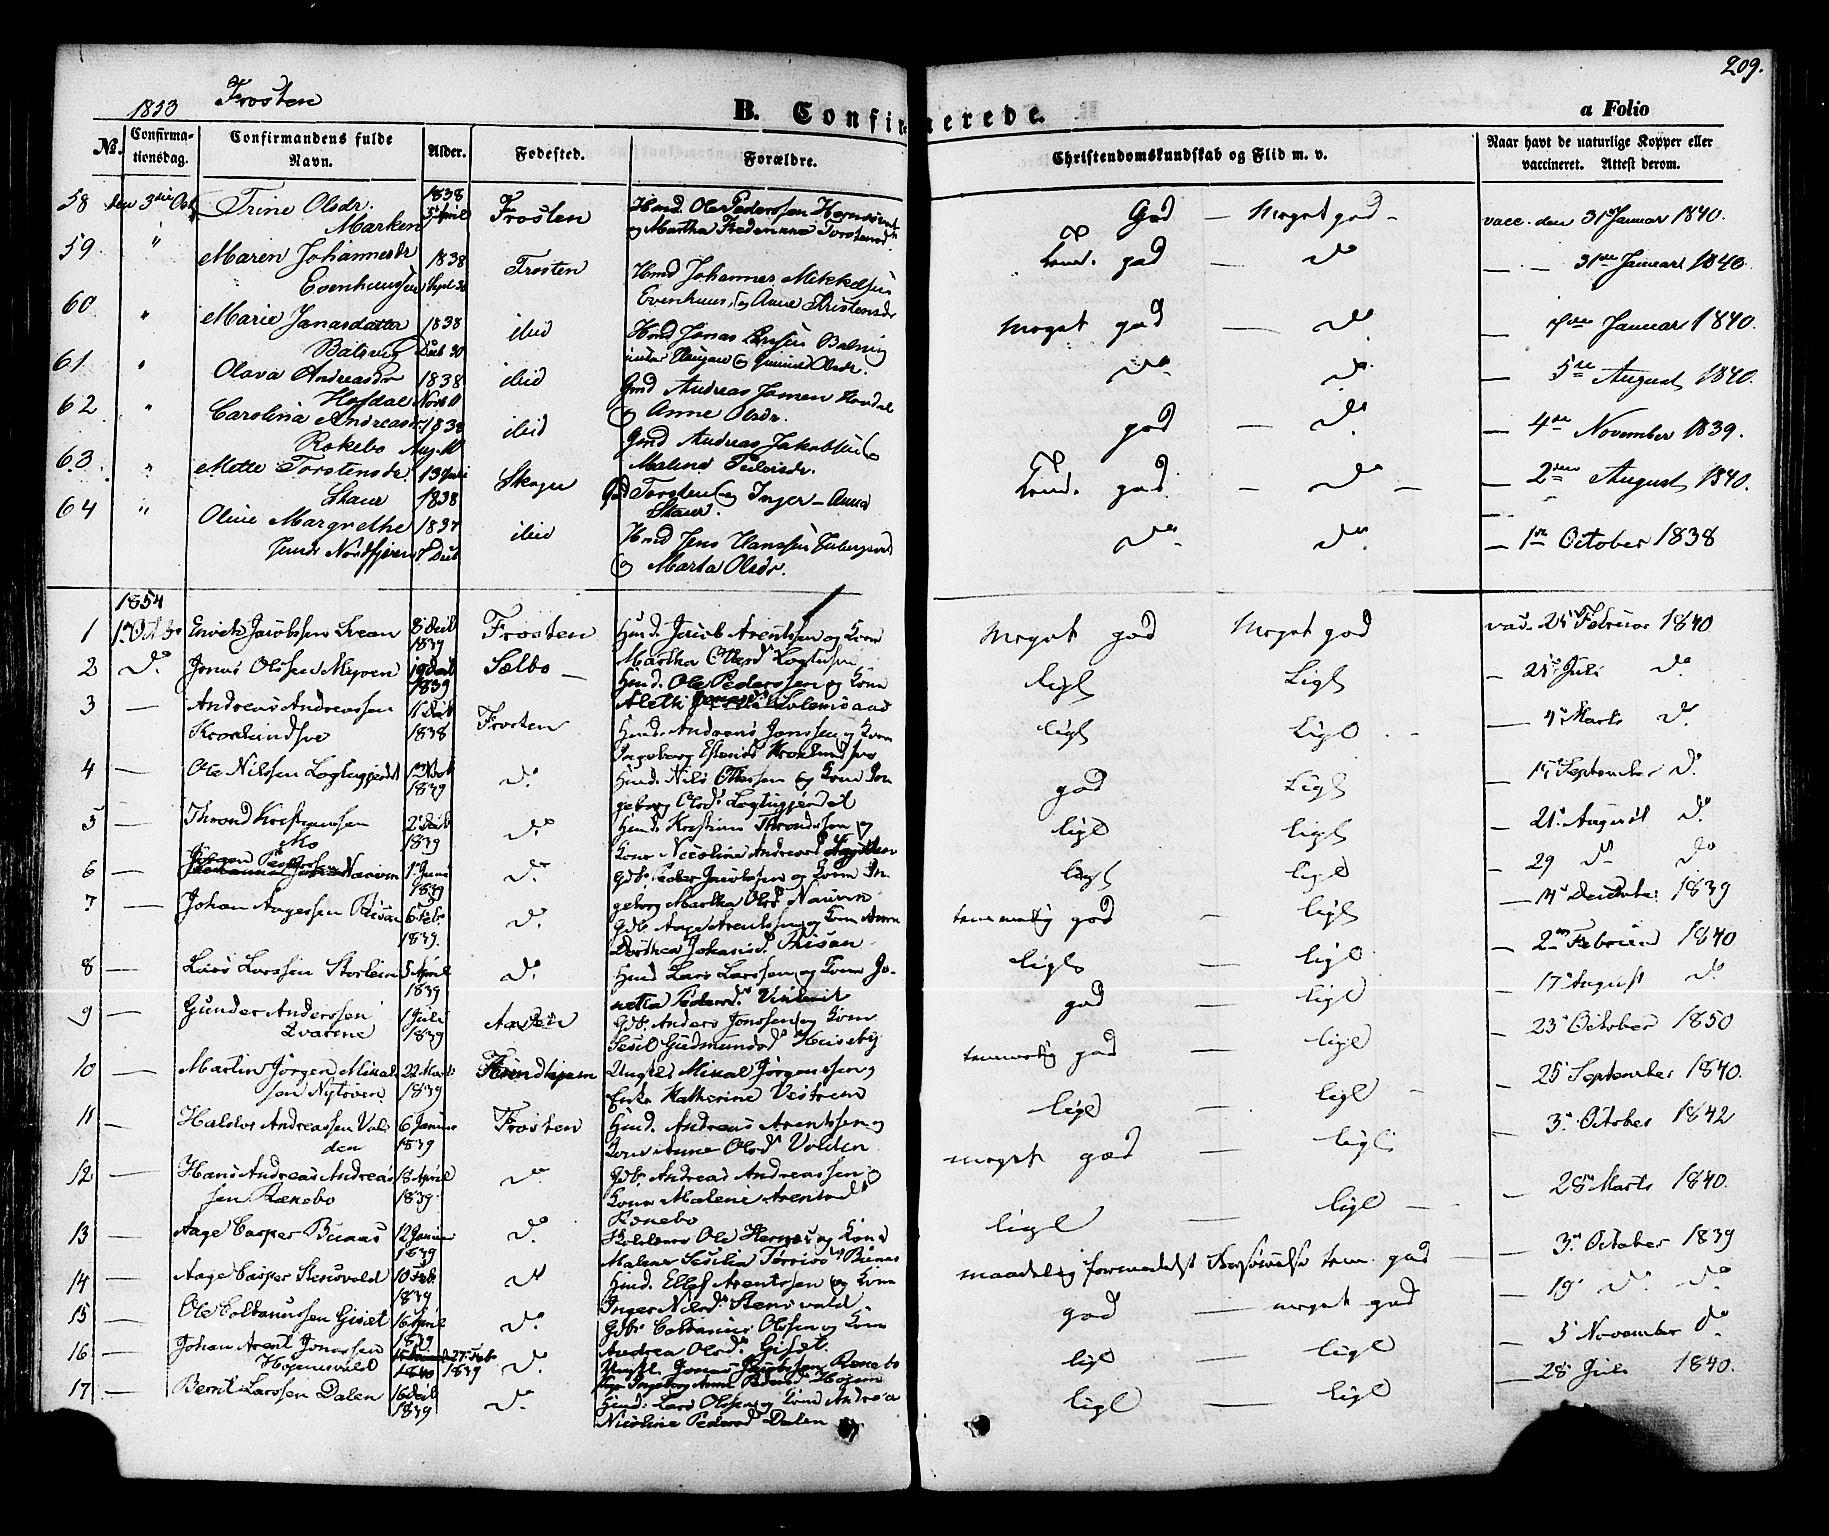 SAT, Ministerialprotokoller, klokkerbøker og fødselsregistre - Nord-Trøndelag, 713/L0116: Ministerialbok nr. 713A07 /1, 1850-1877, s. 209